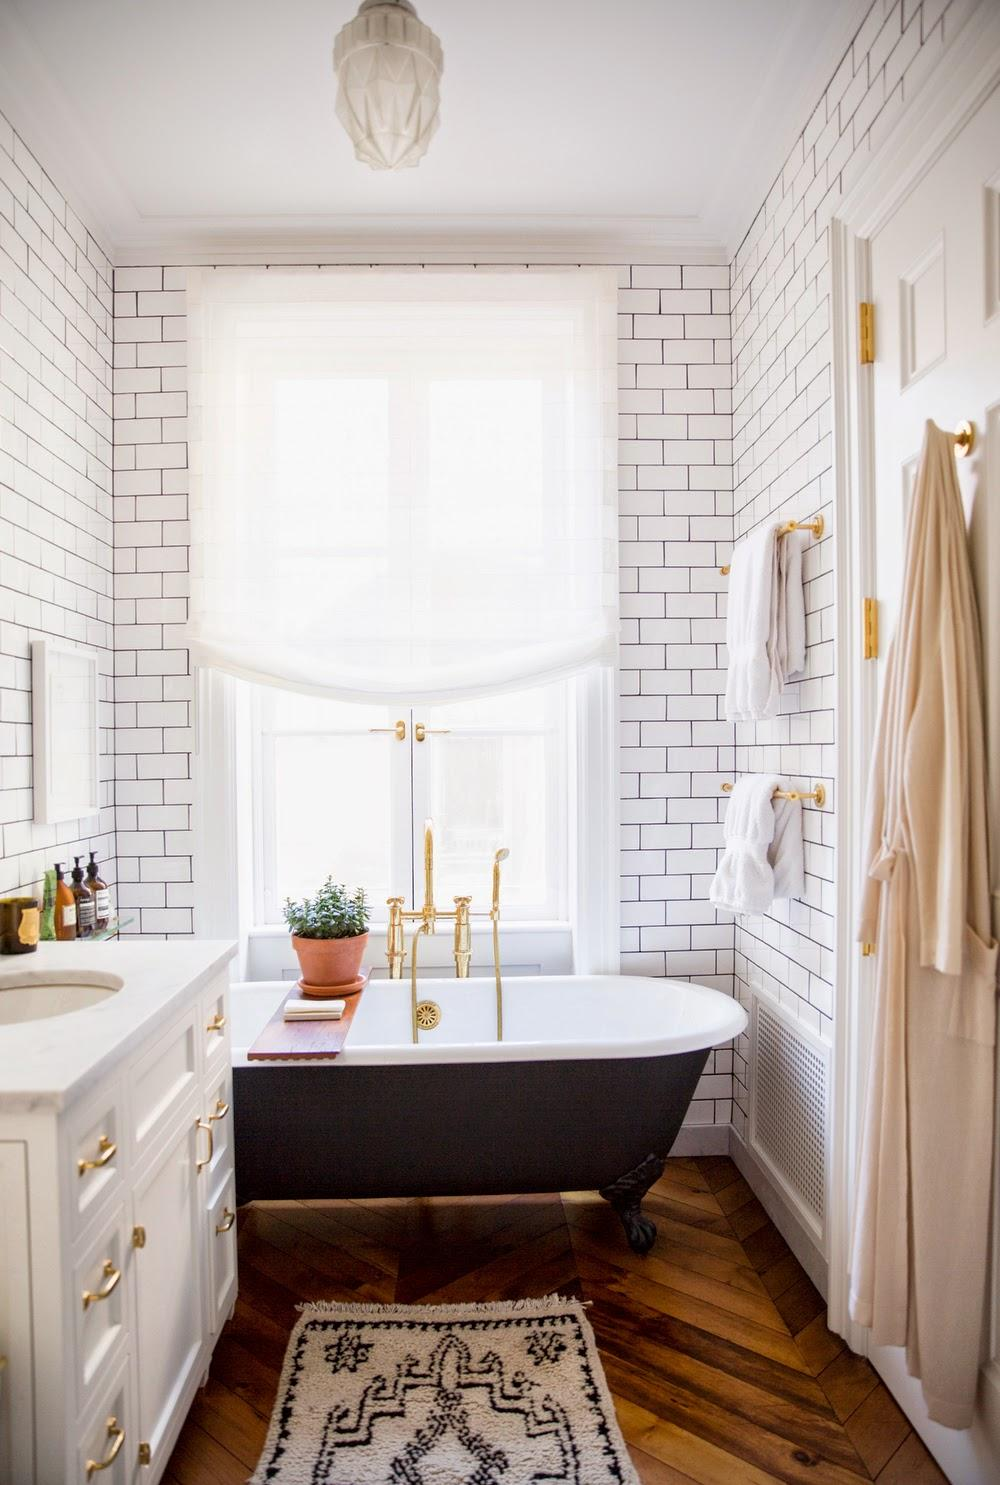 Золотистая сантехника в бело-коричневой ванной комнате